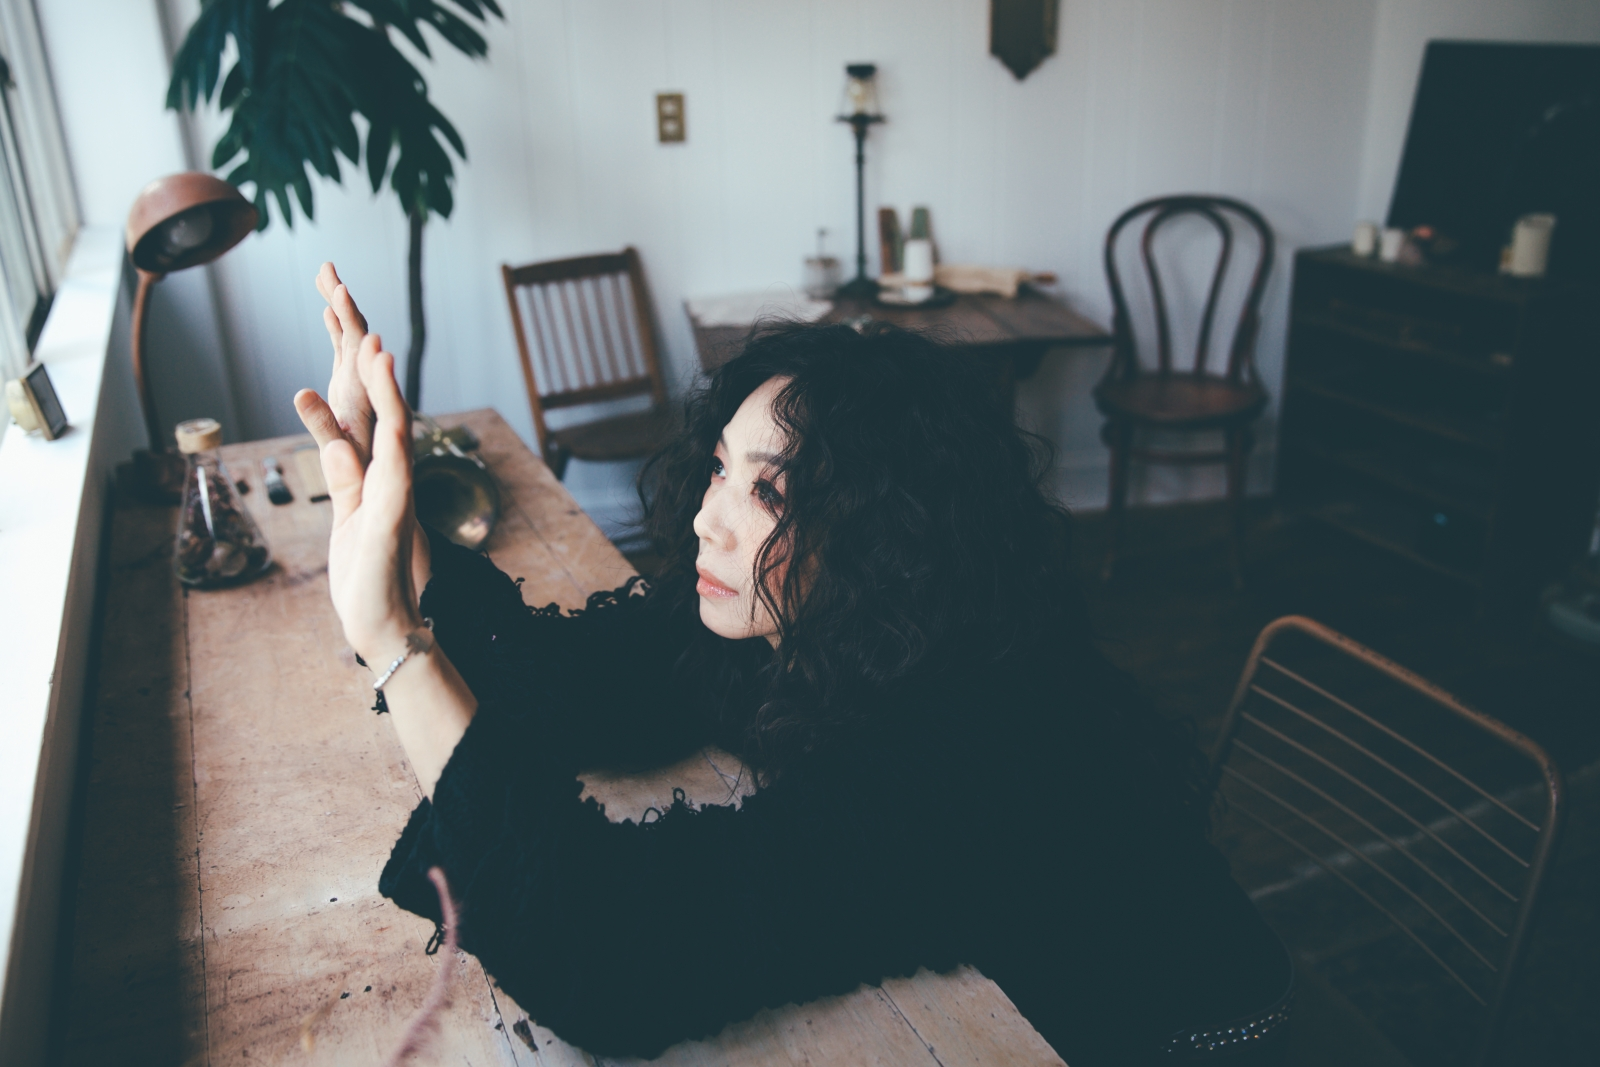 專訪 萬芳 阿茲海默 練習失去 冷鋒過境 收信快樂